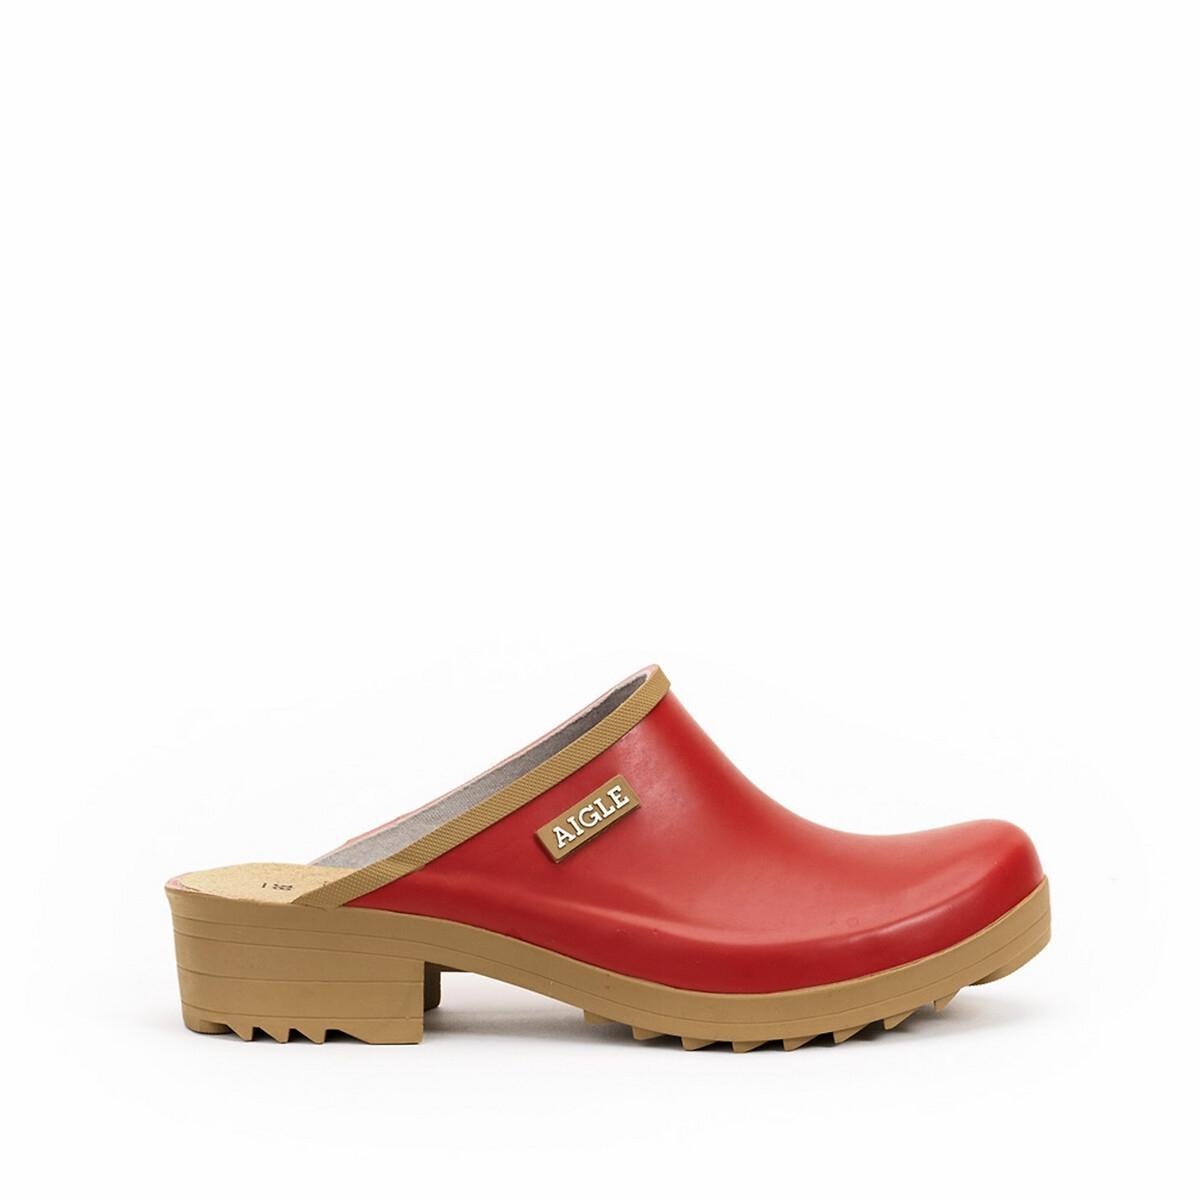 Women's Footwear Eagoa Garden Clogs